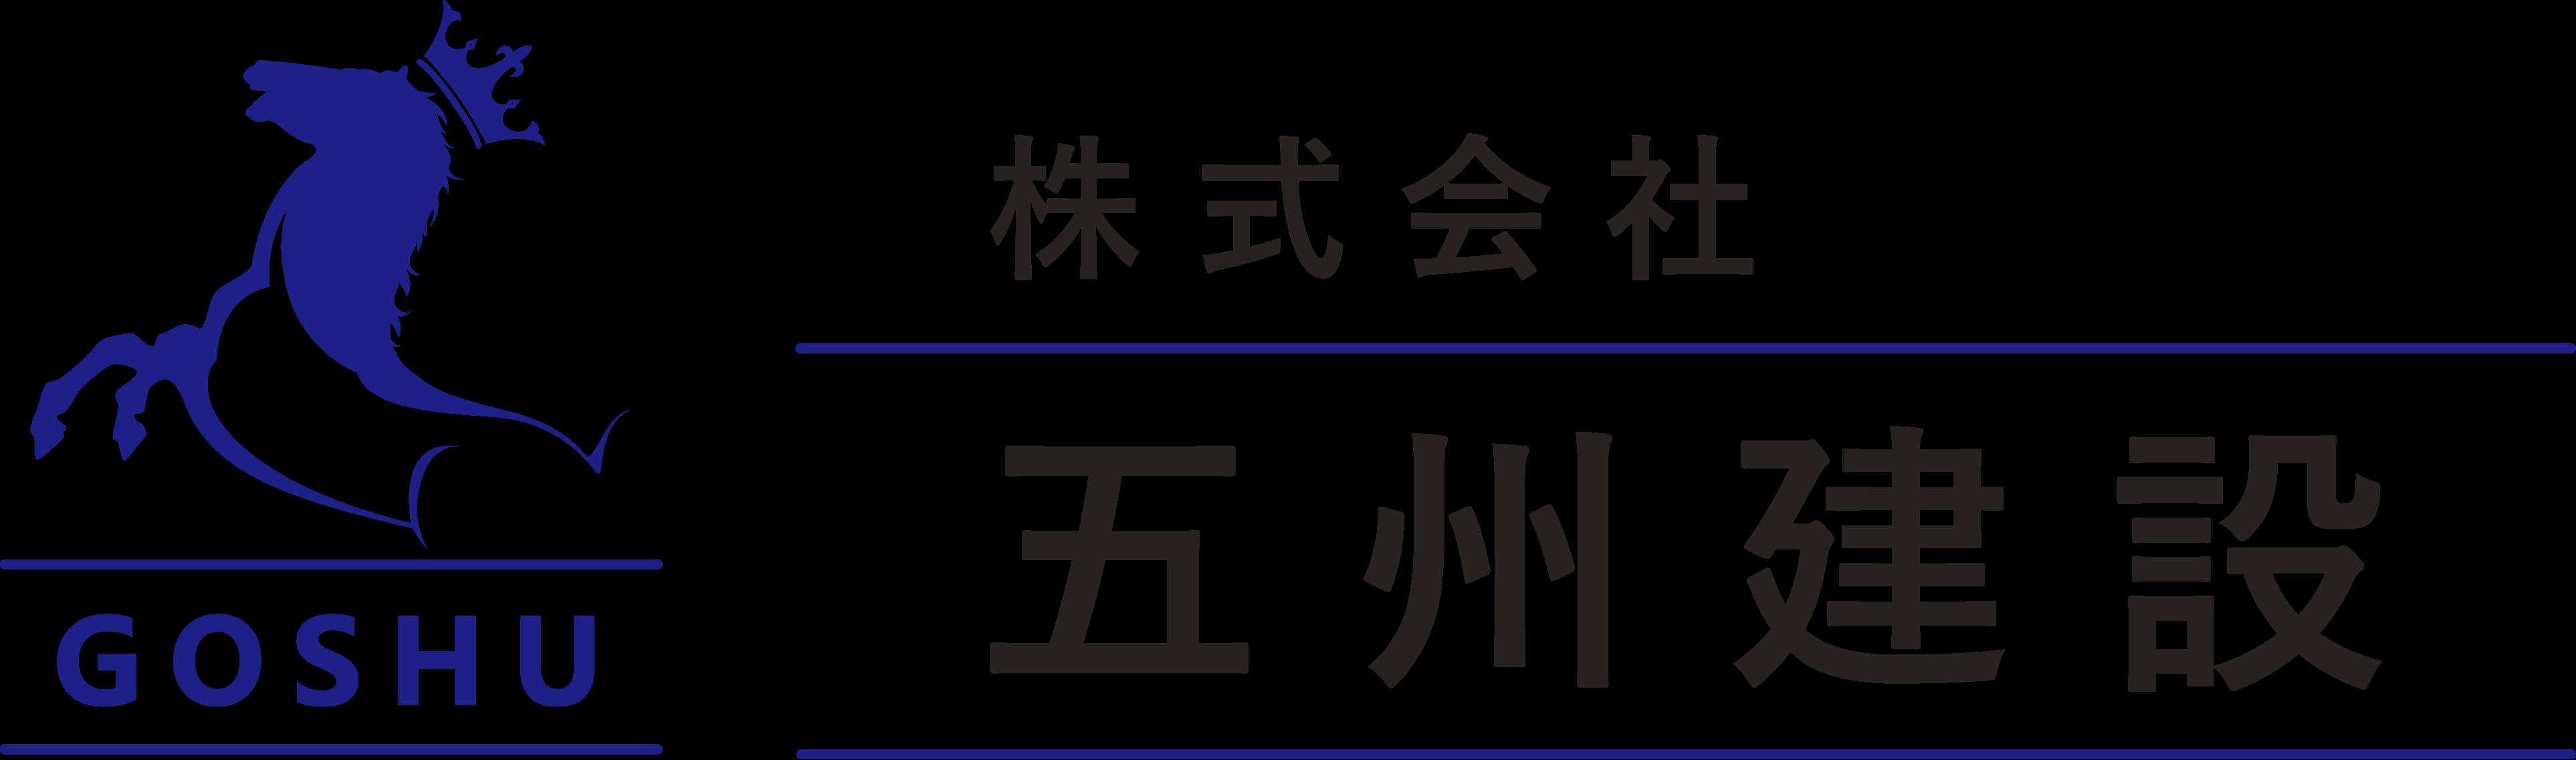 愛知県名古屋市で外構工事、駐車場工事、舗装工事|株式会社五州建設